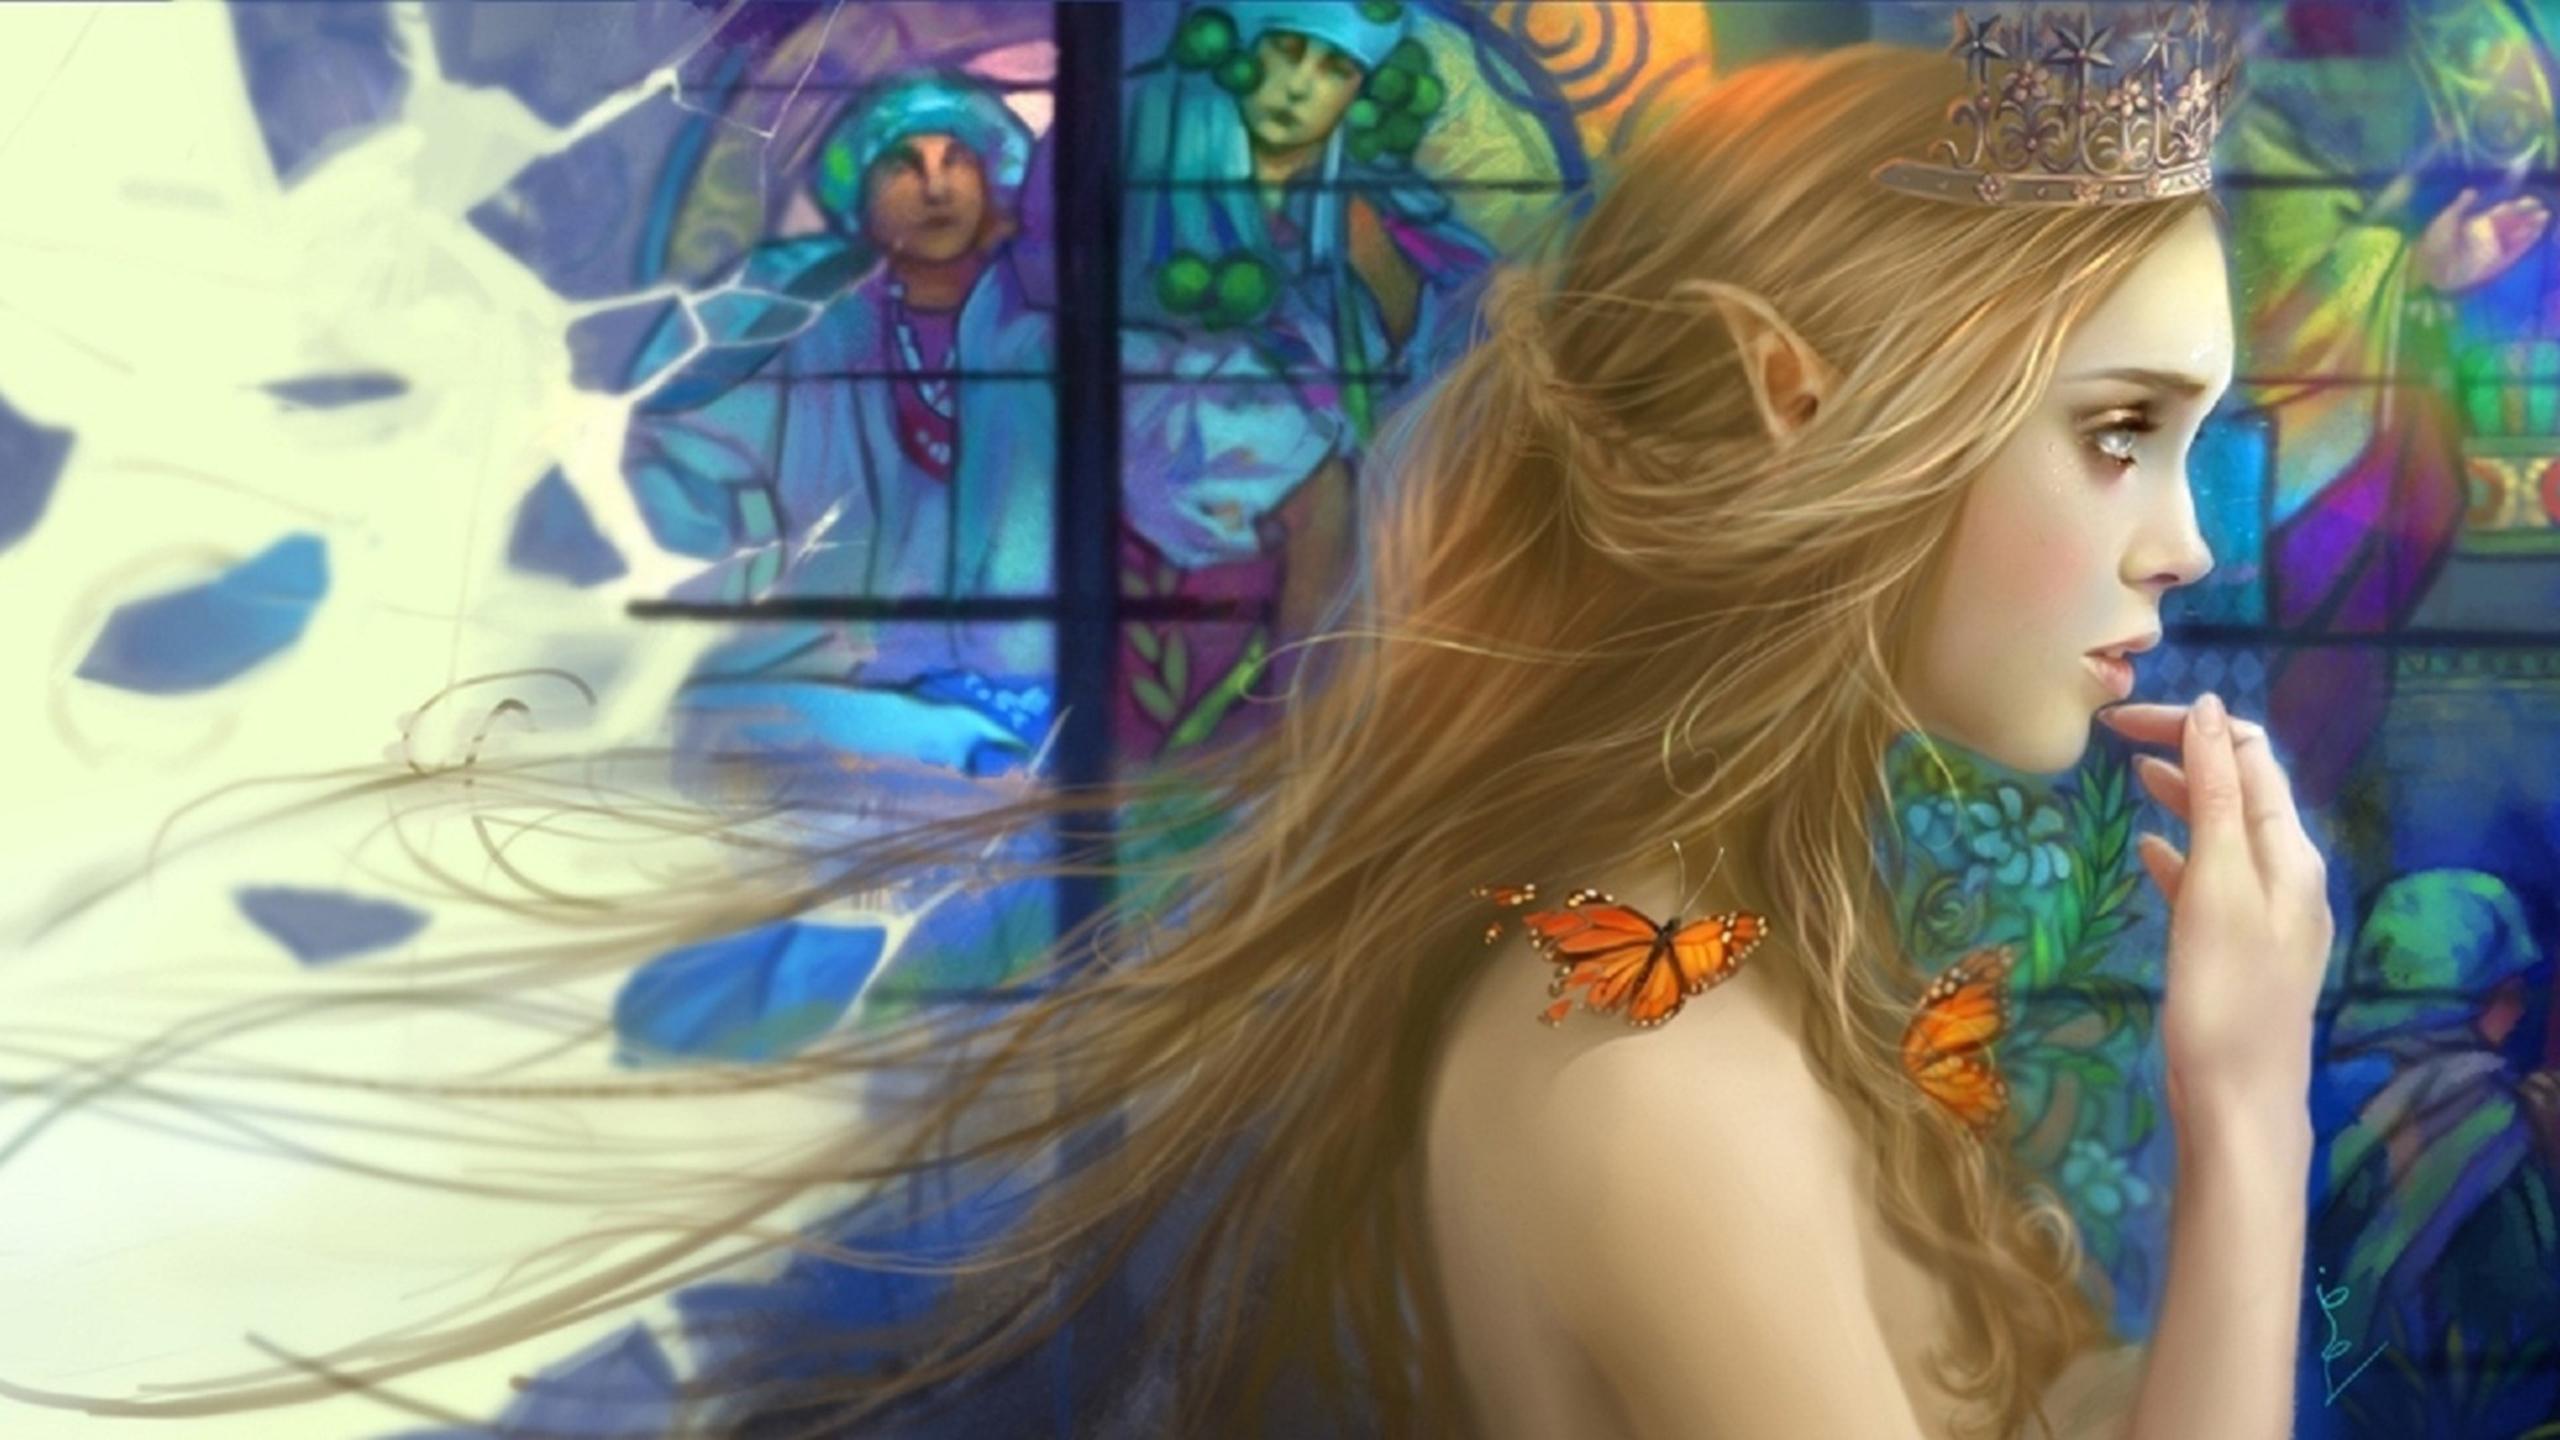 Fantaisie - Elfe  - Inconnu Fond d'écran